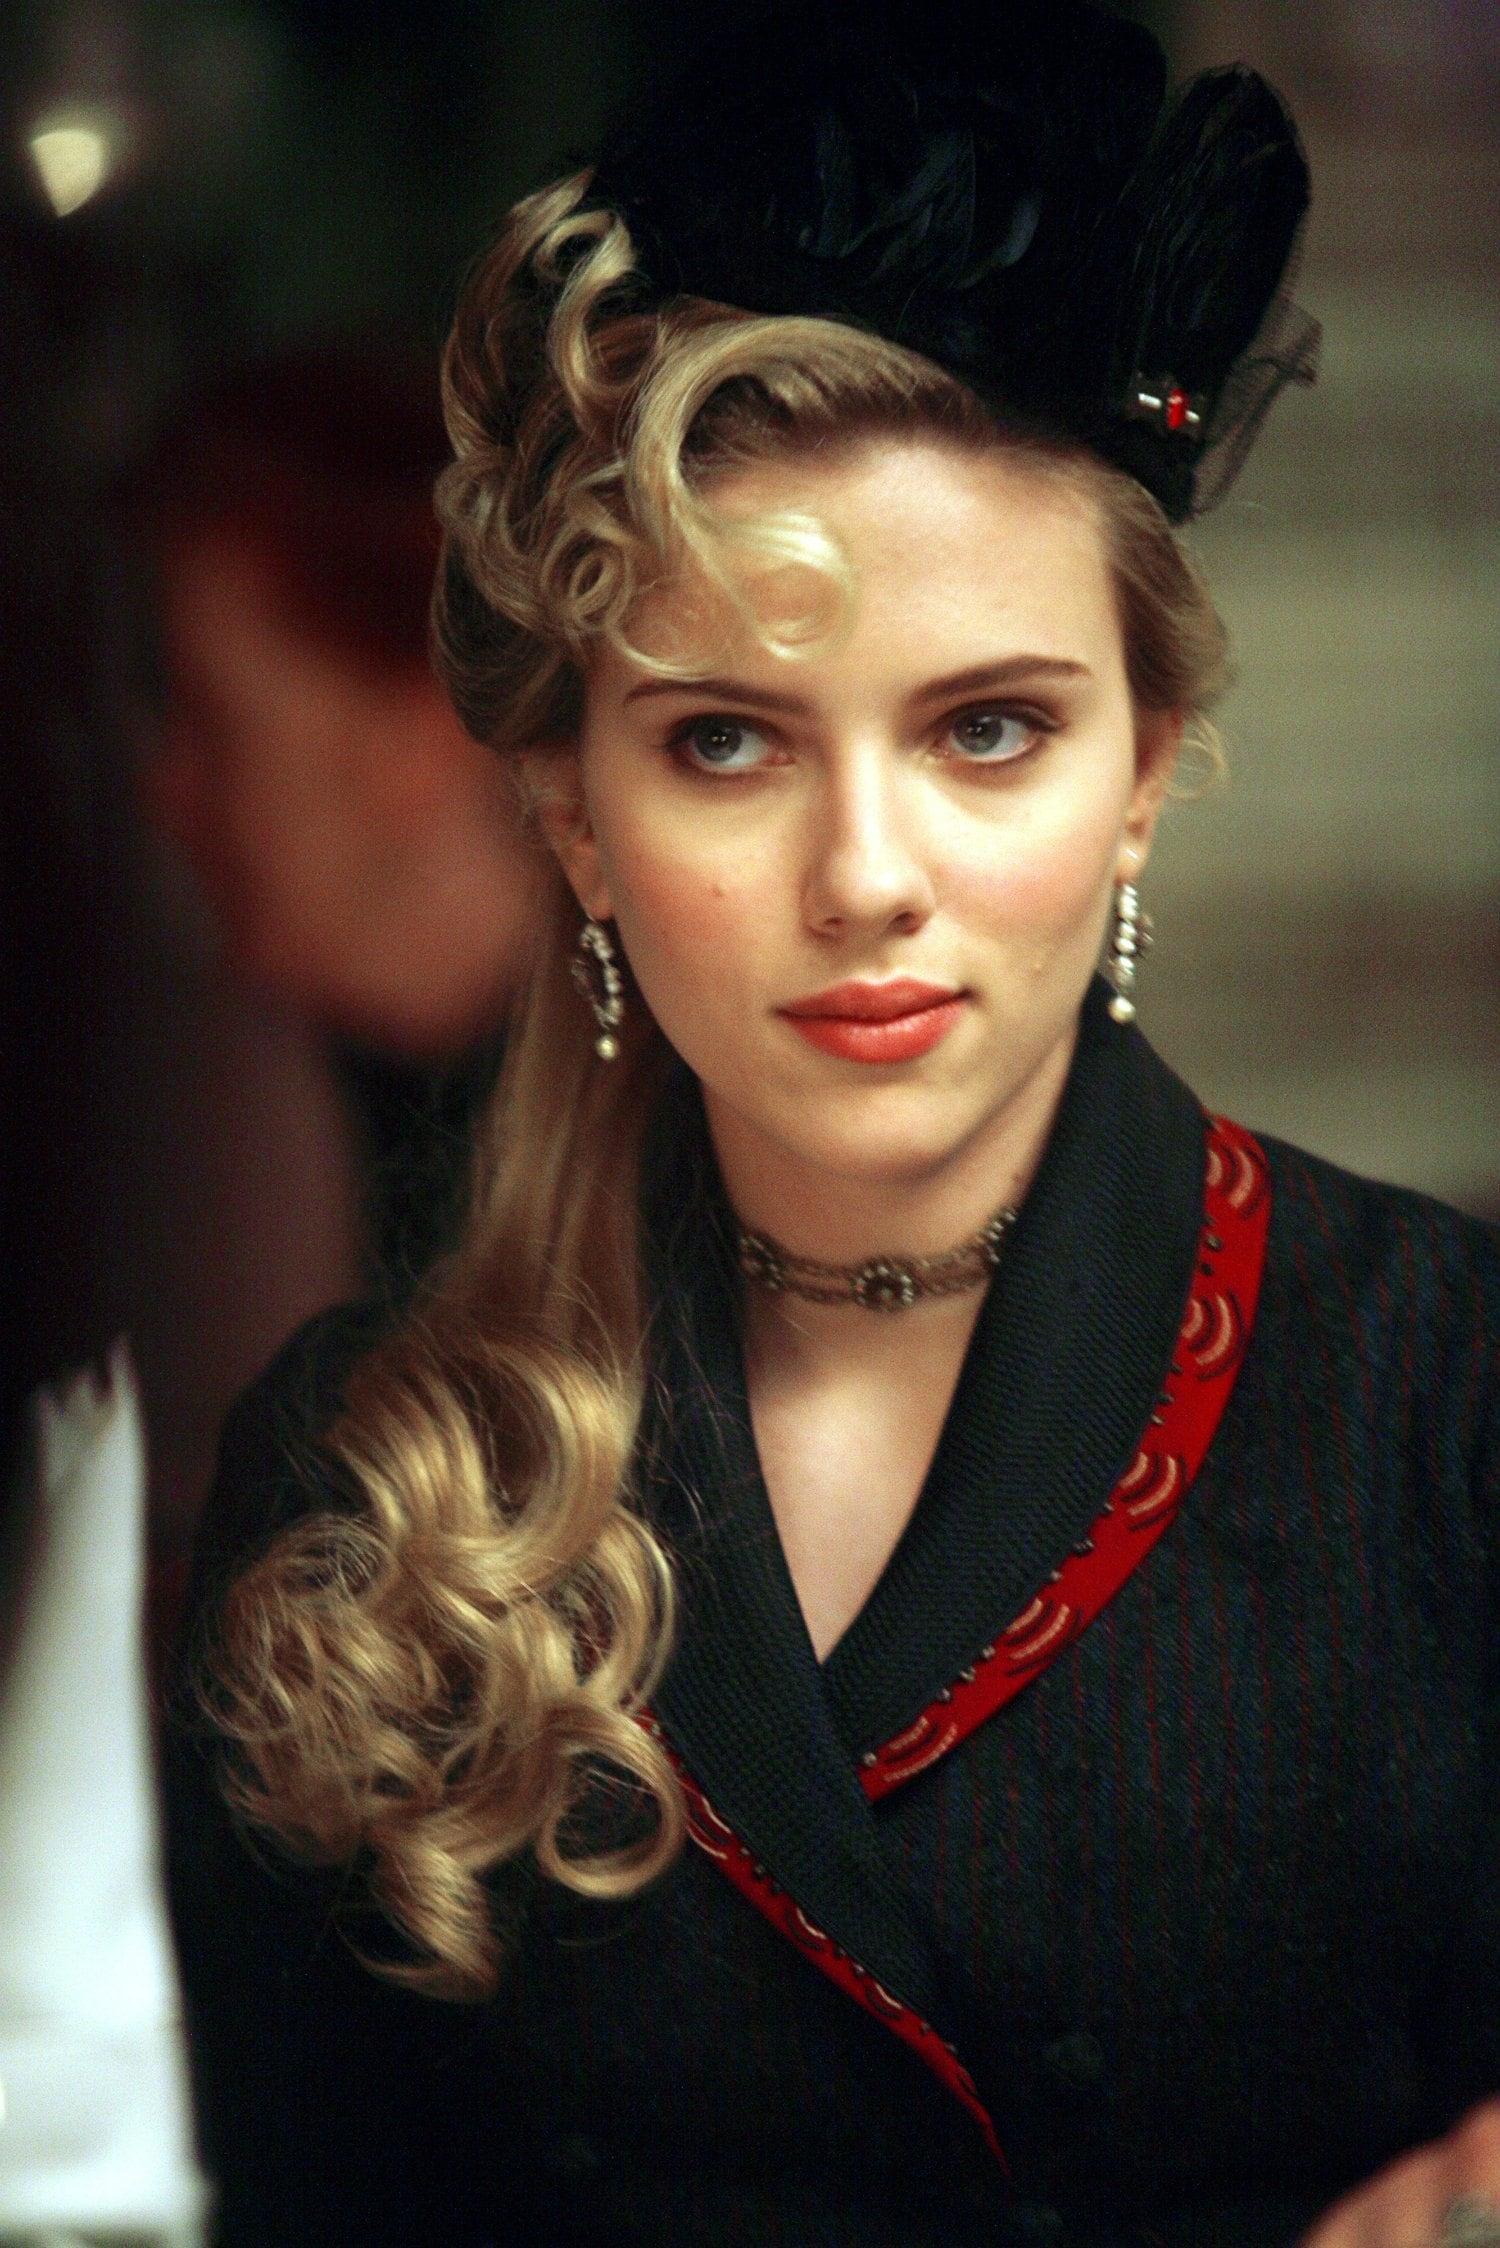 Scarlett Johansson peinada como de época, lleva la melena larga, lacia con rulos en la parte alta y en las puntas y un sombrero negro